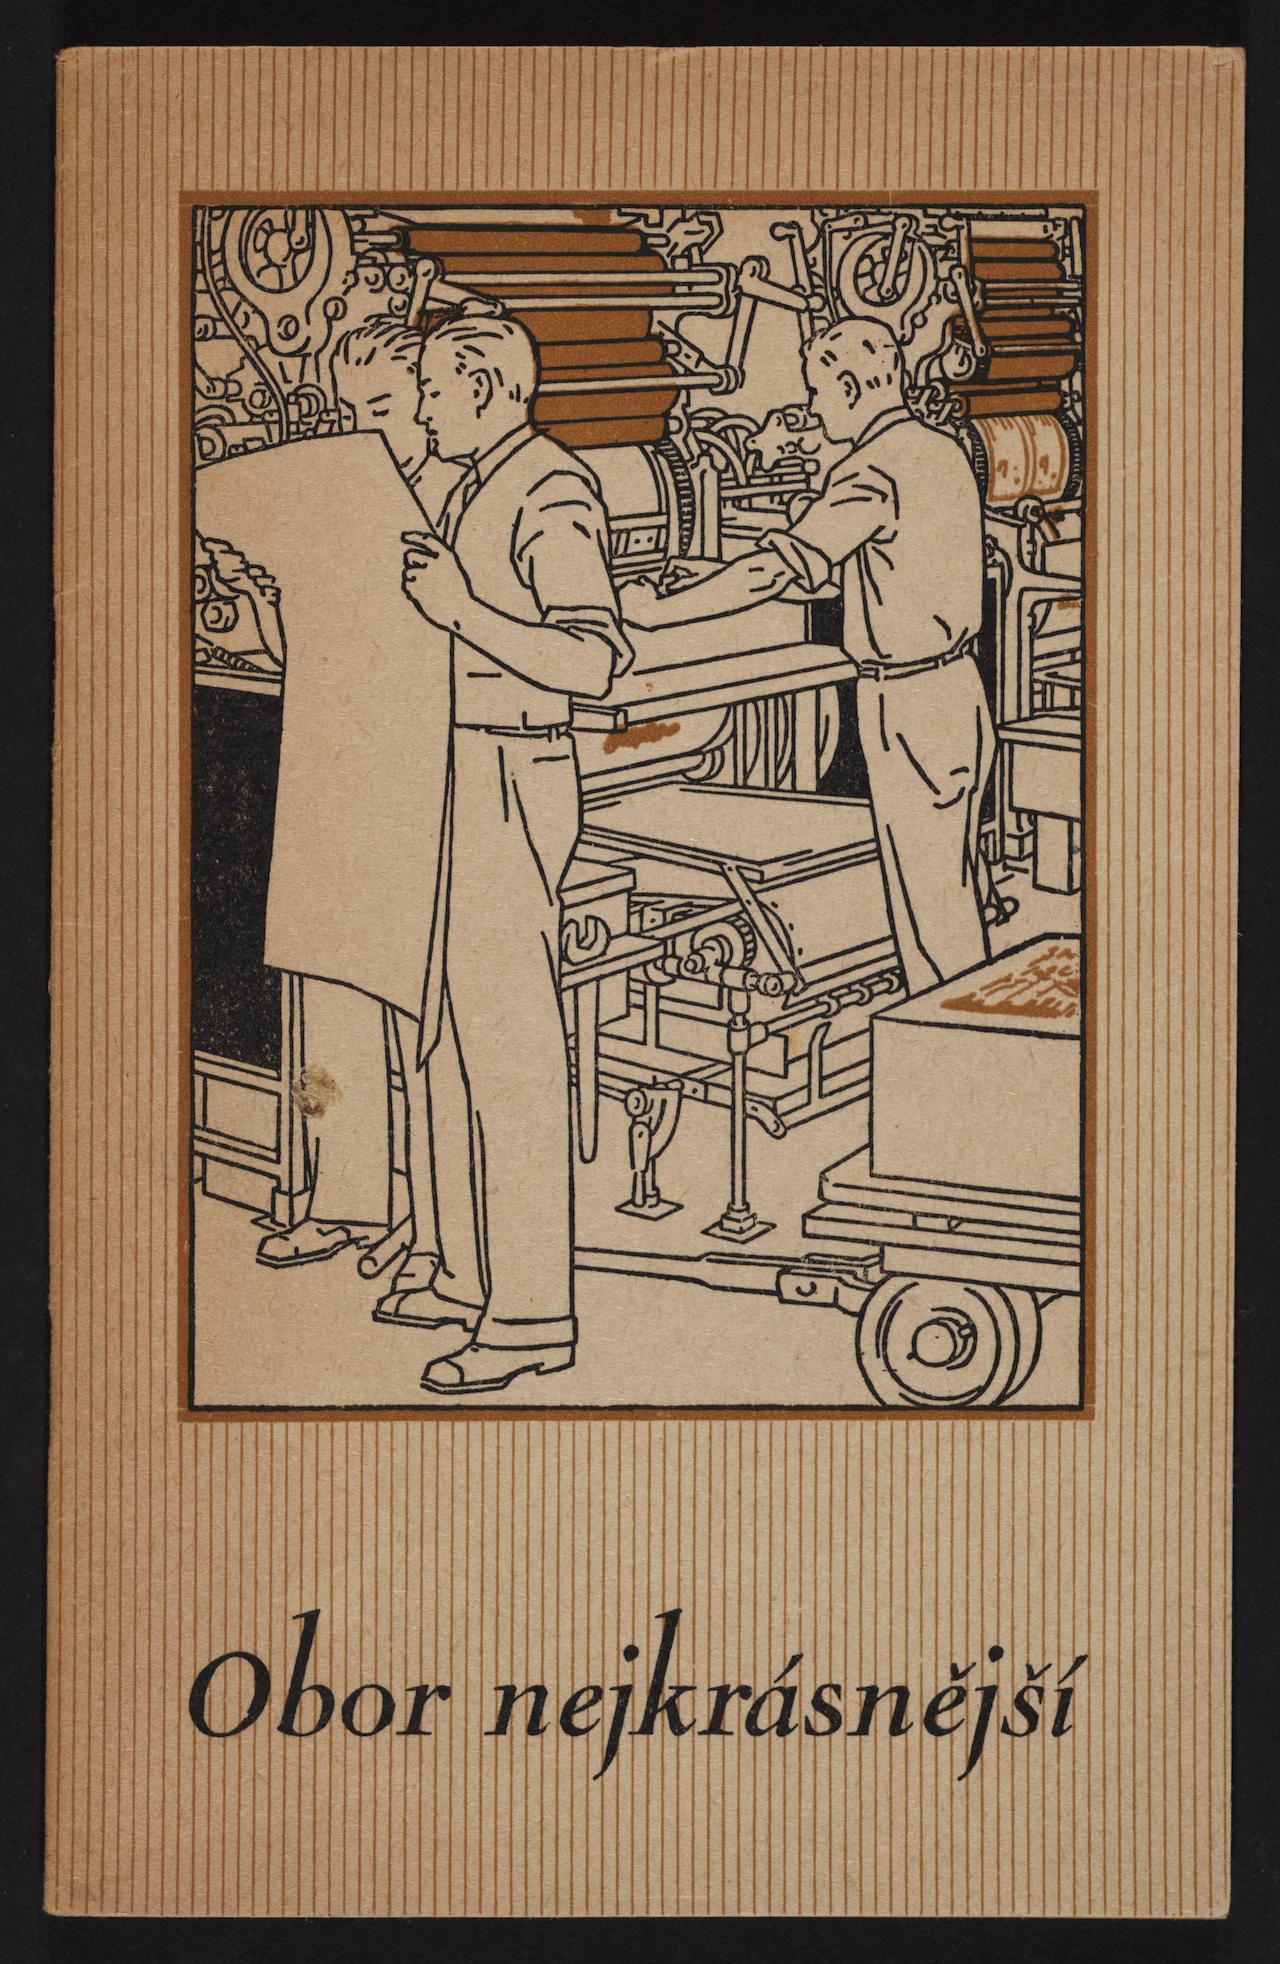 """Vojtěch Preissig, illustration for """"Obor nejkrásnější"""" (1946) by Jindřich Vichnar"""